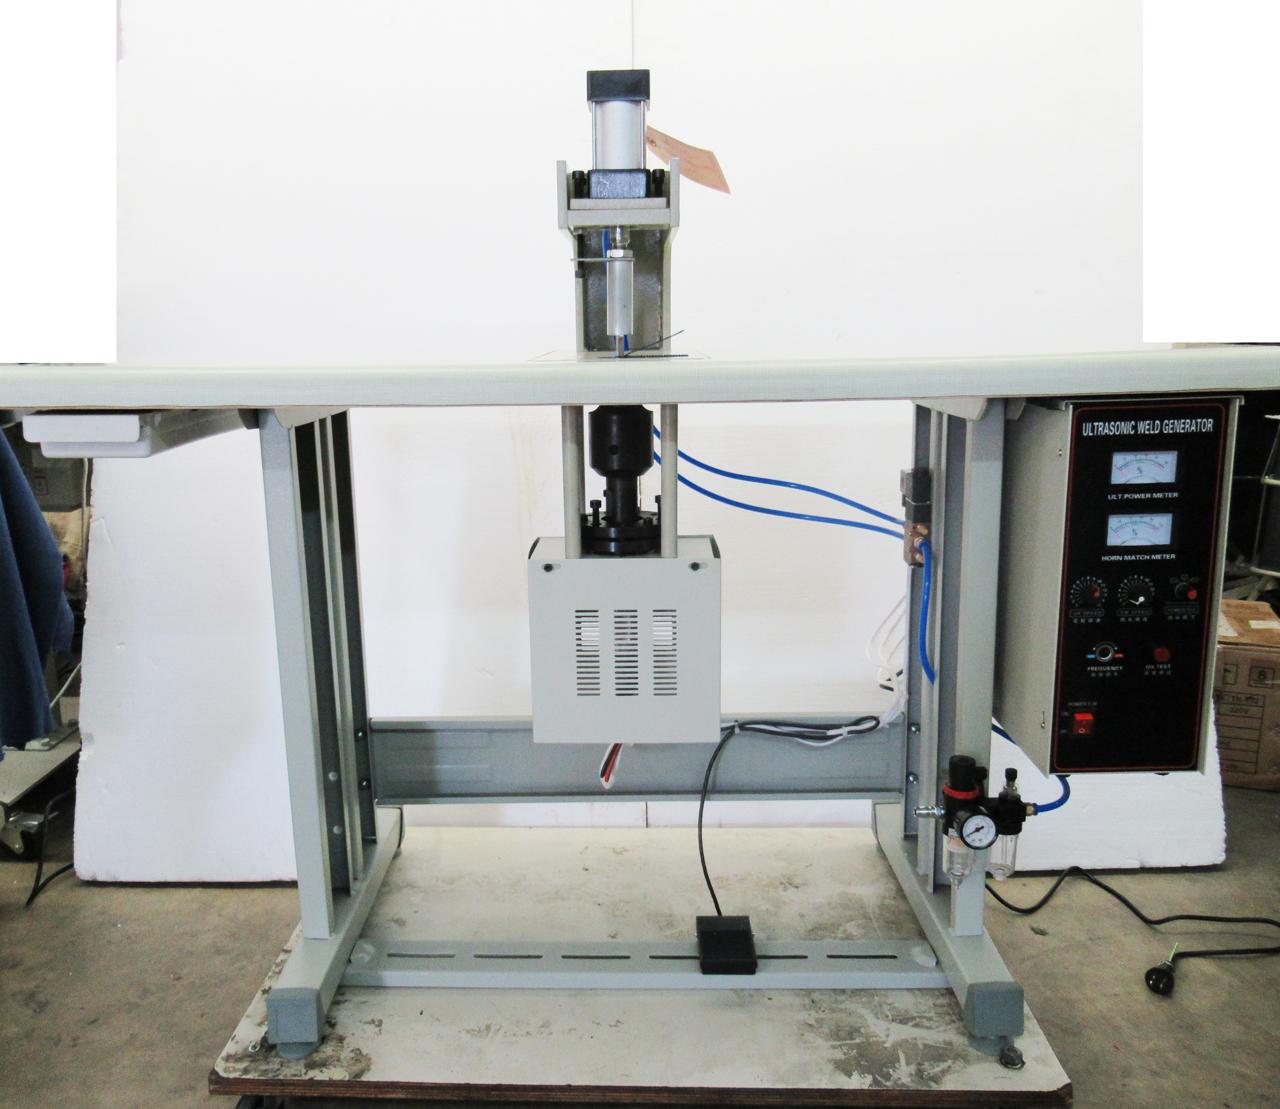 超音波裁断機 溶着機 SSM-TC-DT型 100V仕様 コンプレッサーは別見積りとなります お得なキャンペーンを実施中 最大寸法は50mm未満です 裁断及び溶着金型は お客様の仕様により 別お見積りとなります 最新号掲載アイテム